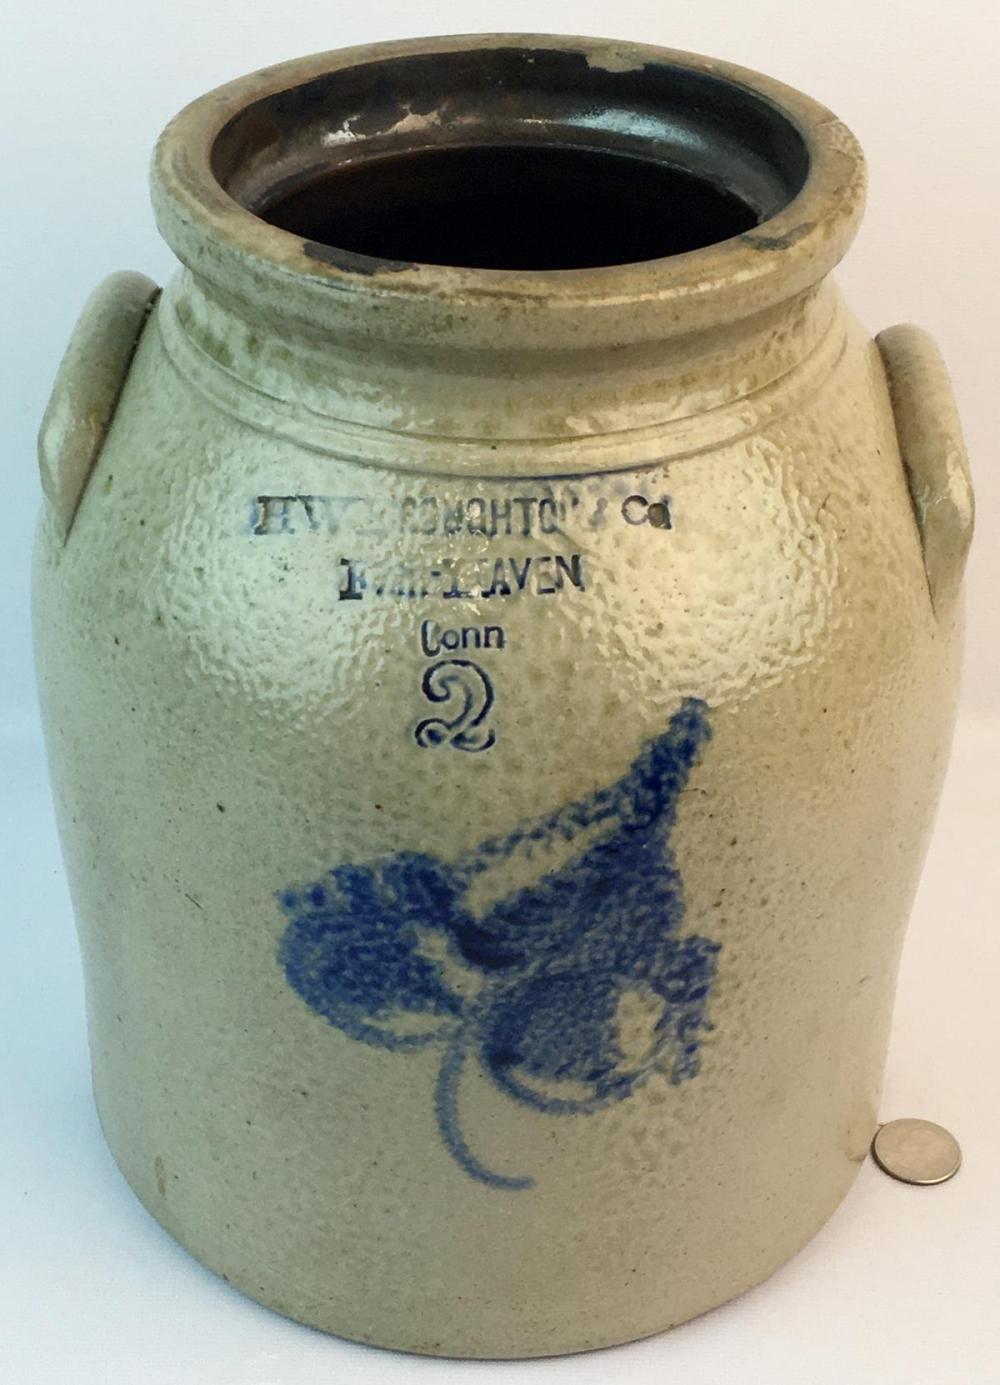 Antique c. 1870 H.W. Broughton & Co. Fair Haven, Conn. 2 Gallon Stoneware Jar w/ Cobalt Floral Decoration